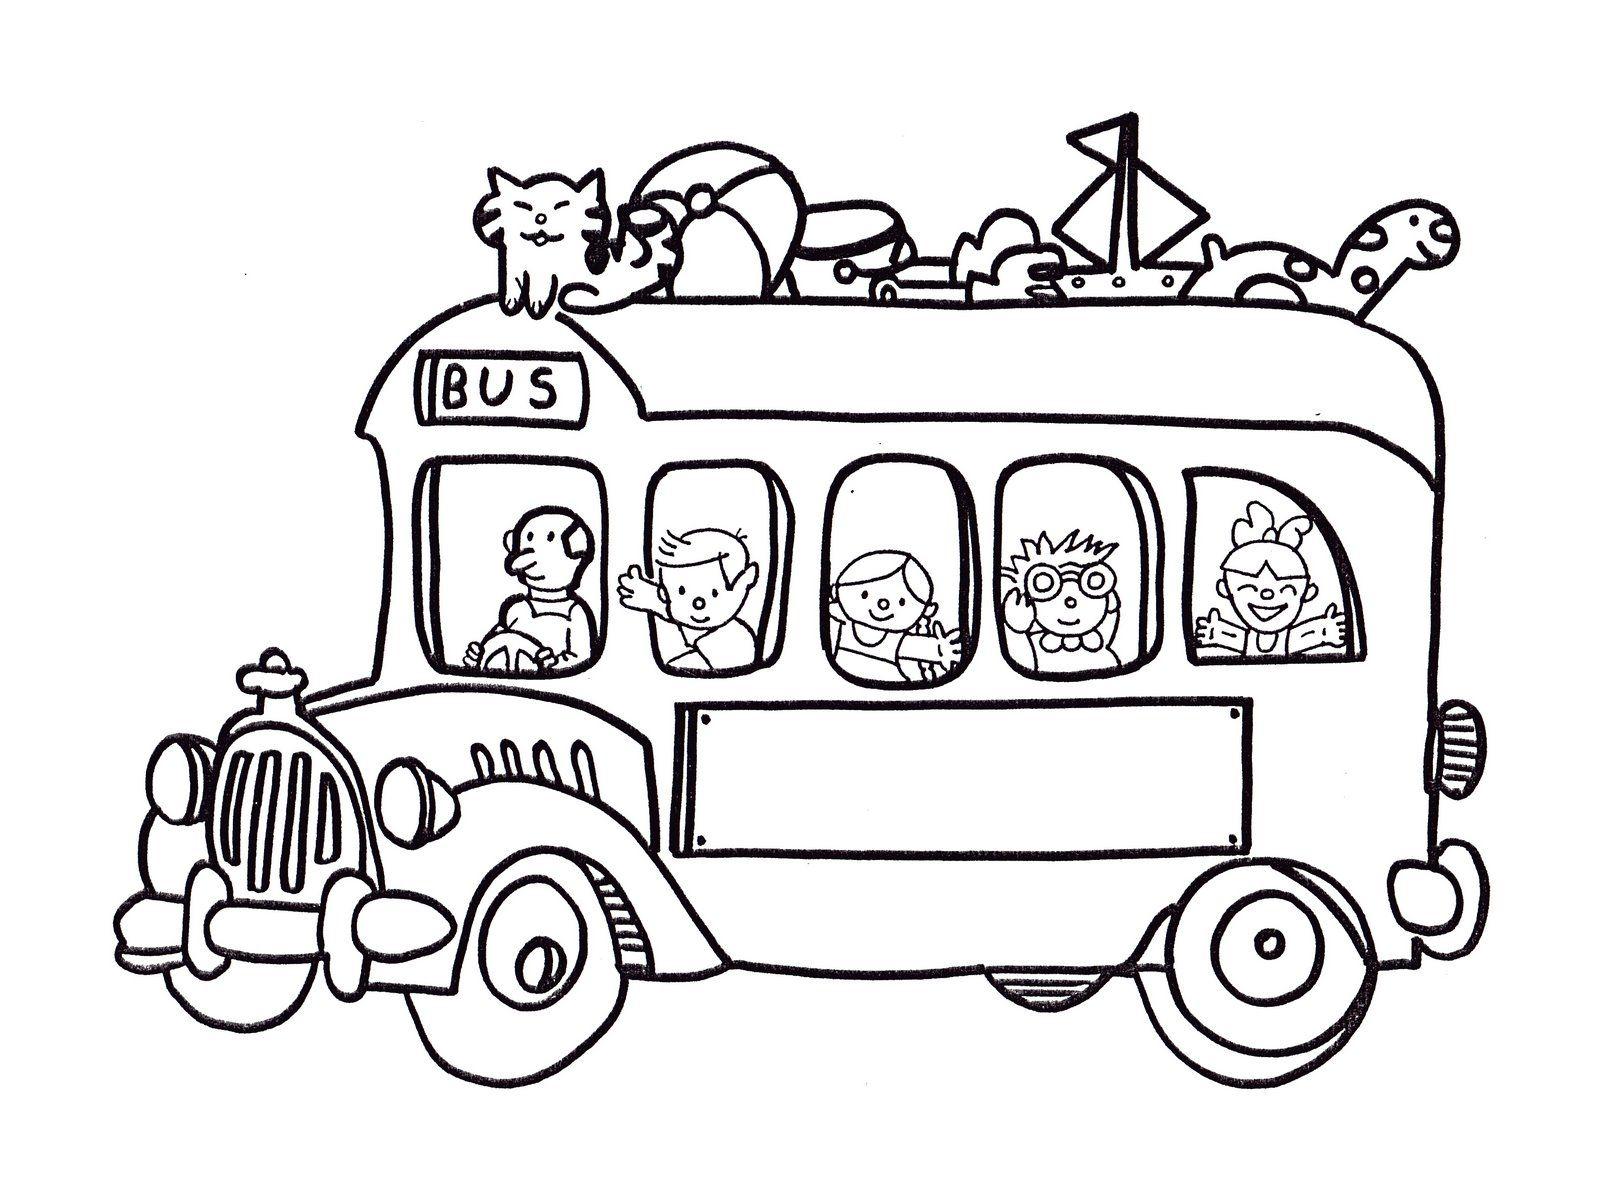 Dibujos para colorear de transportes: Coches, barcos, trenes